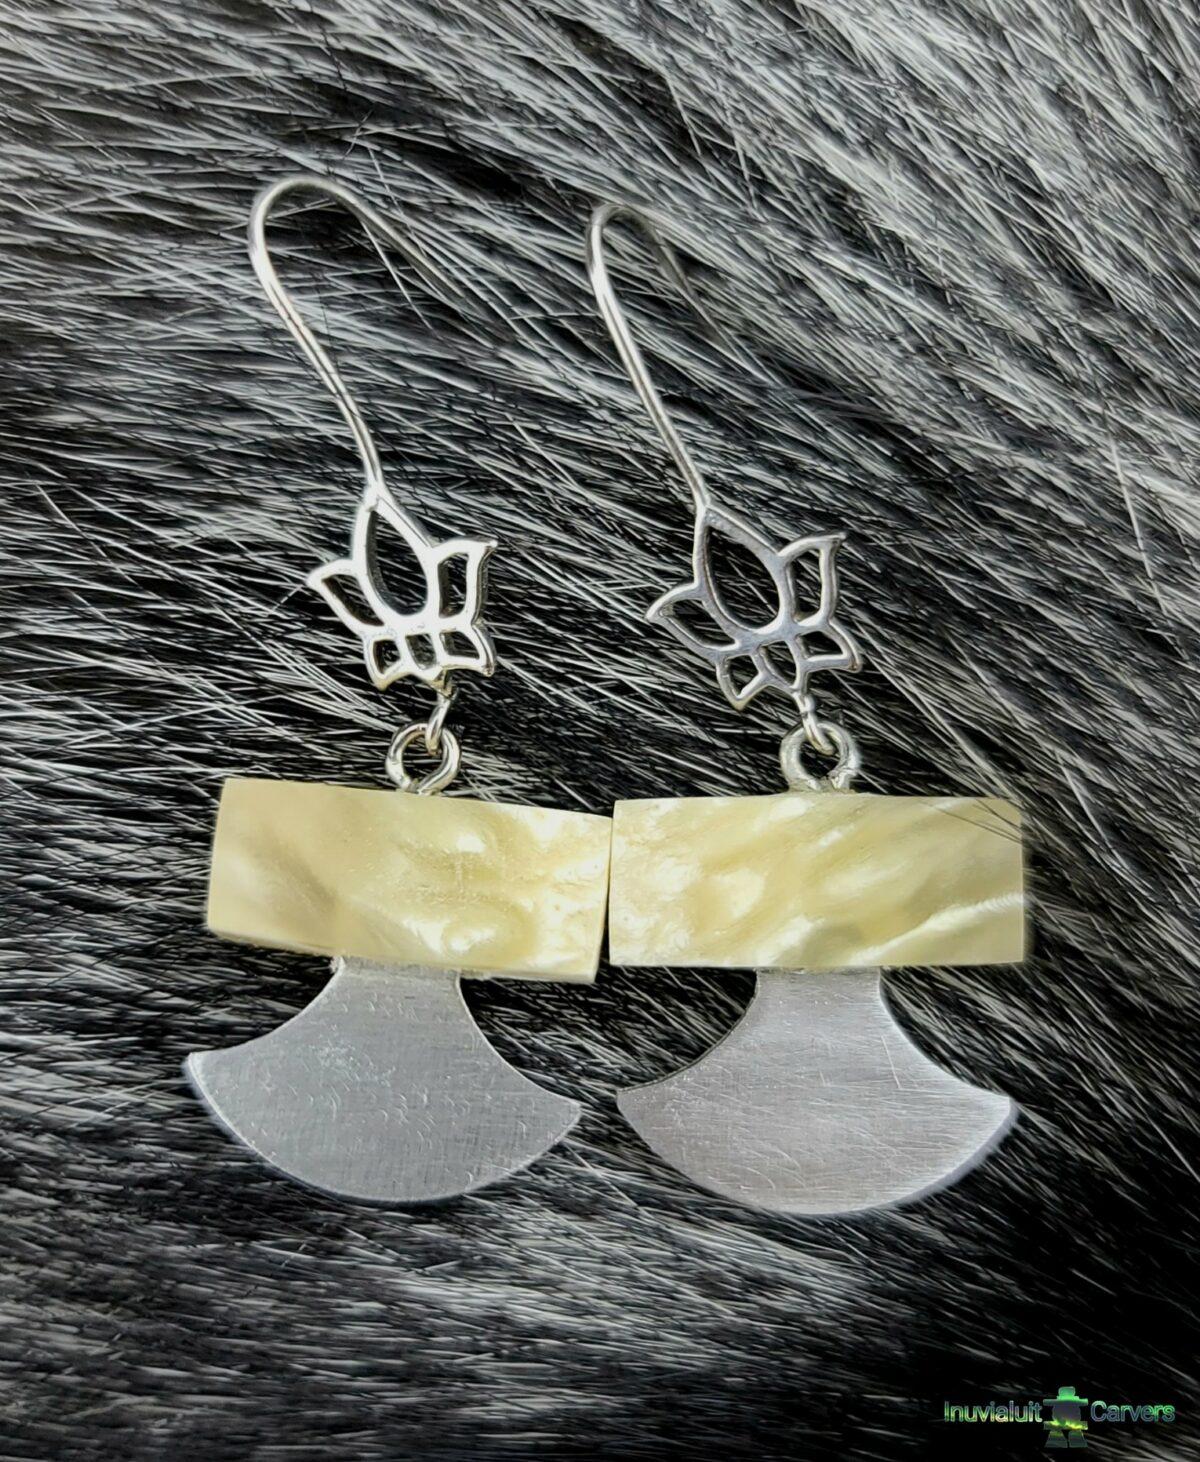 Ulu Earrings